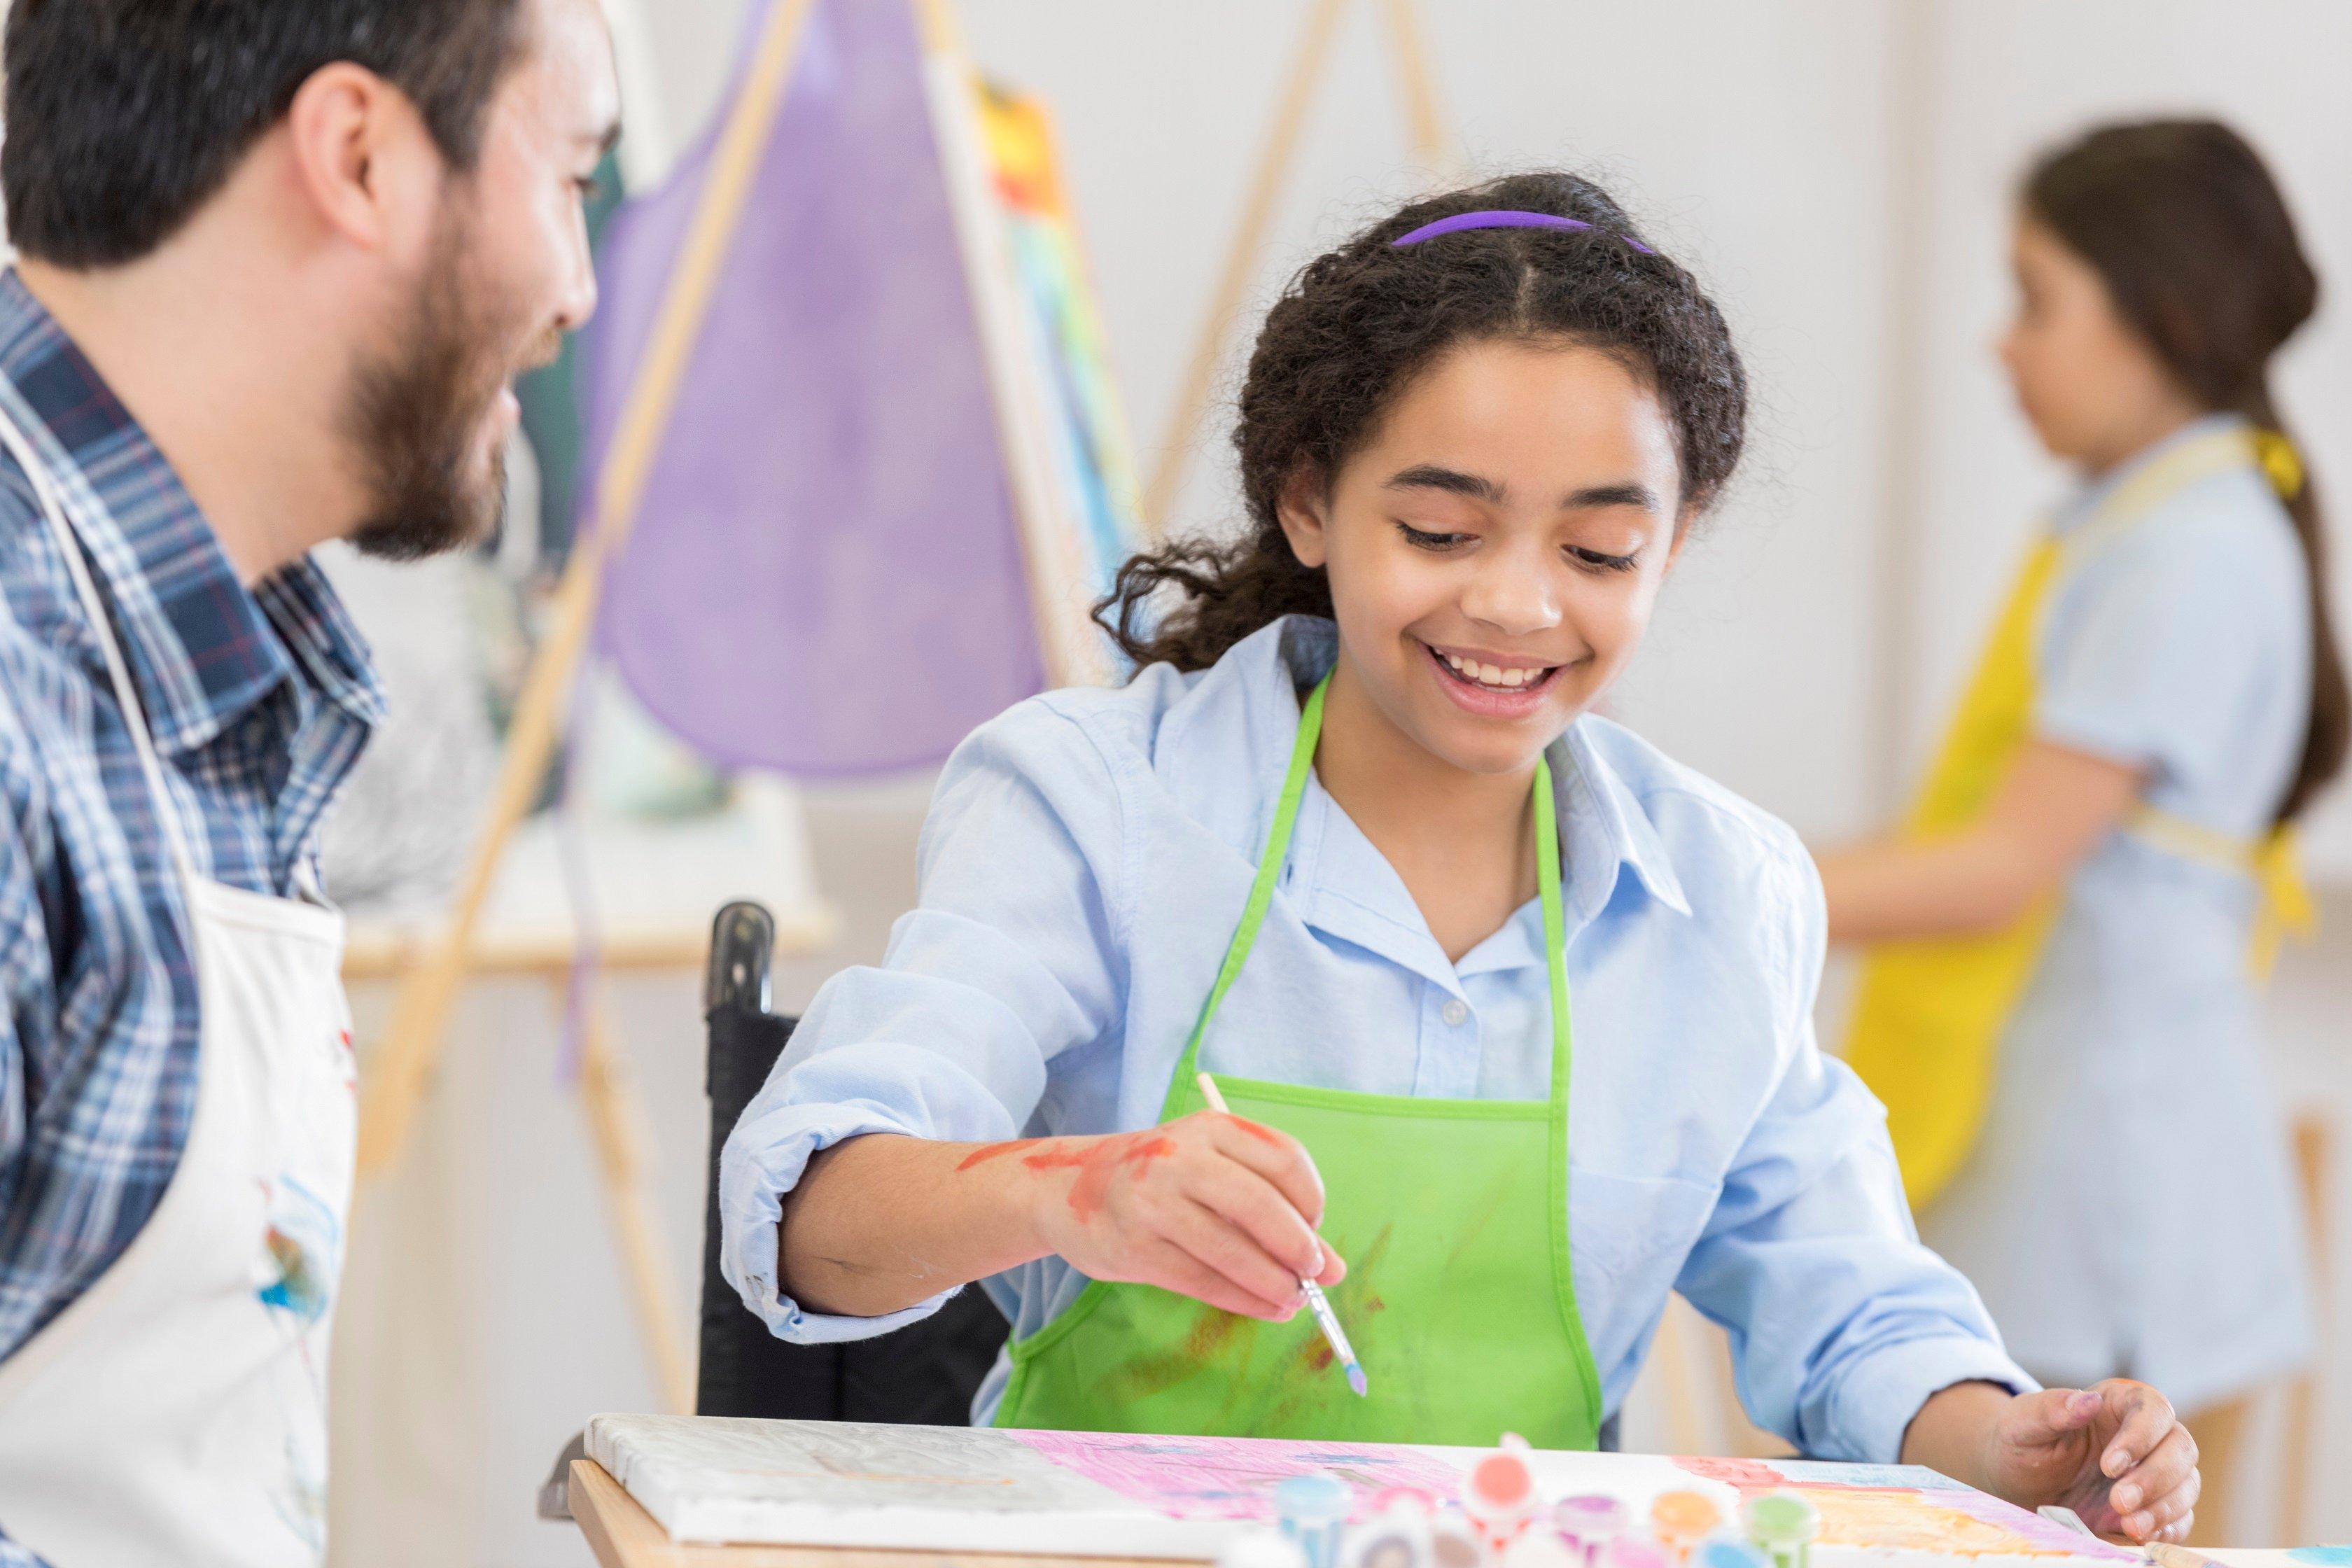 An art teacher has two vocations